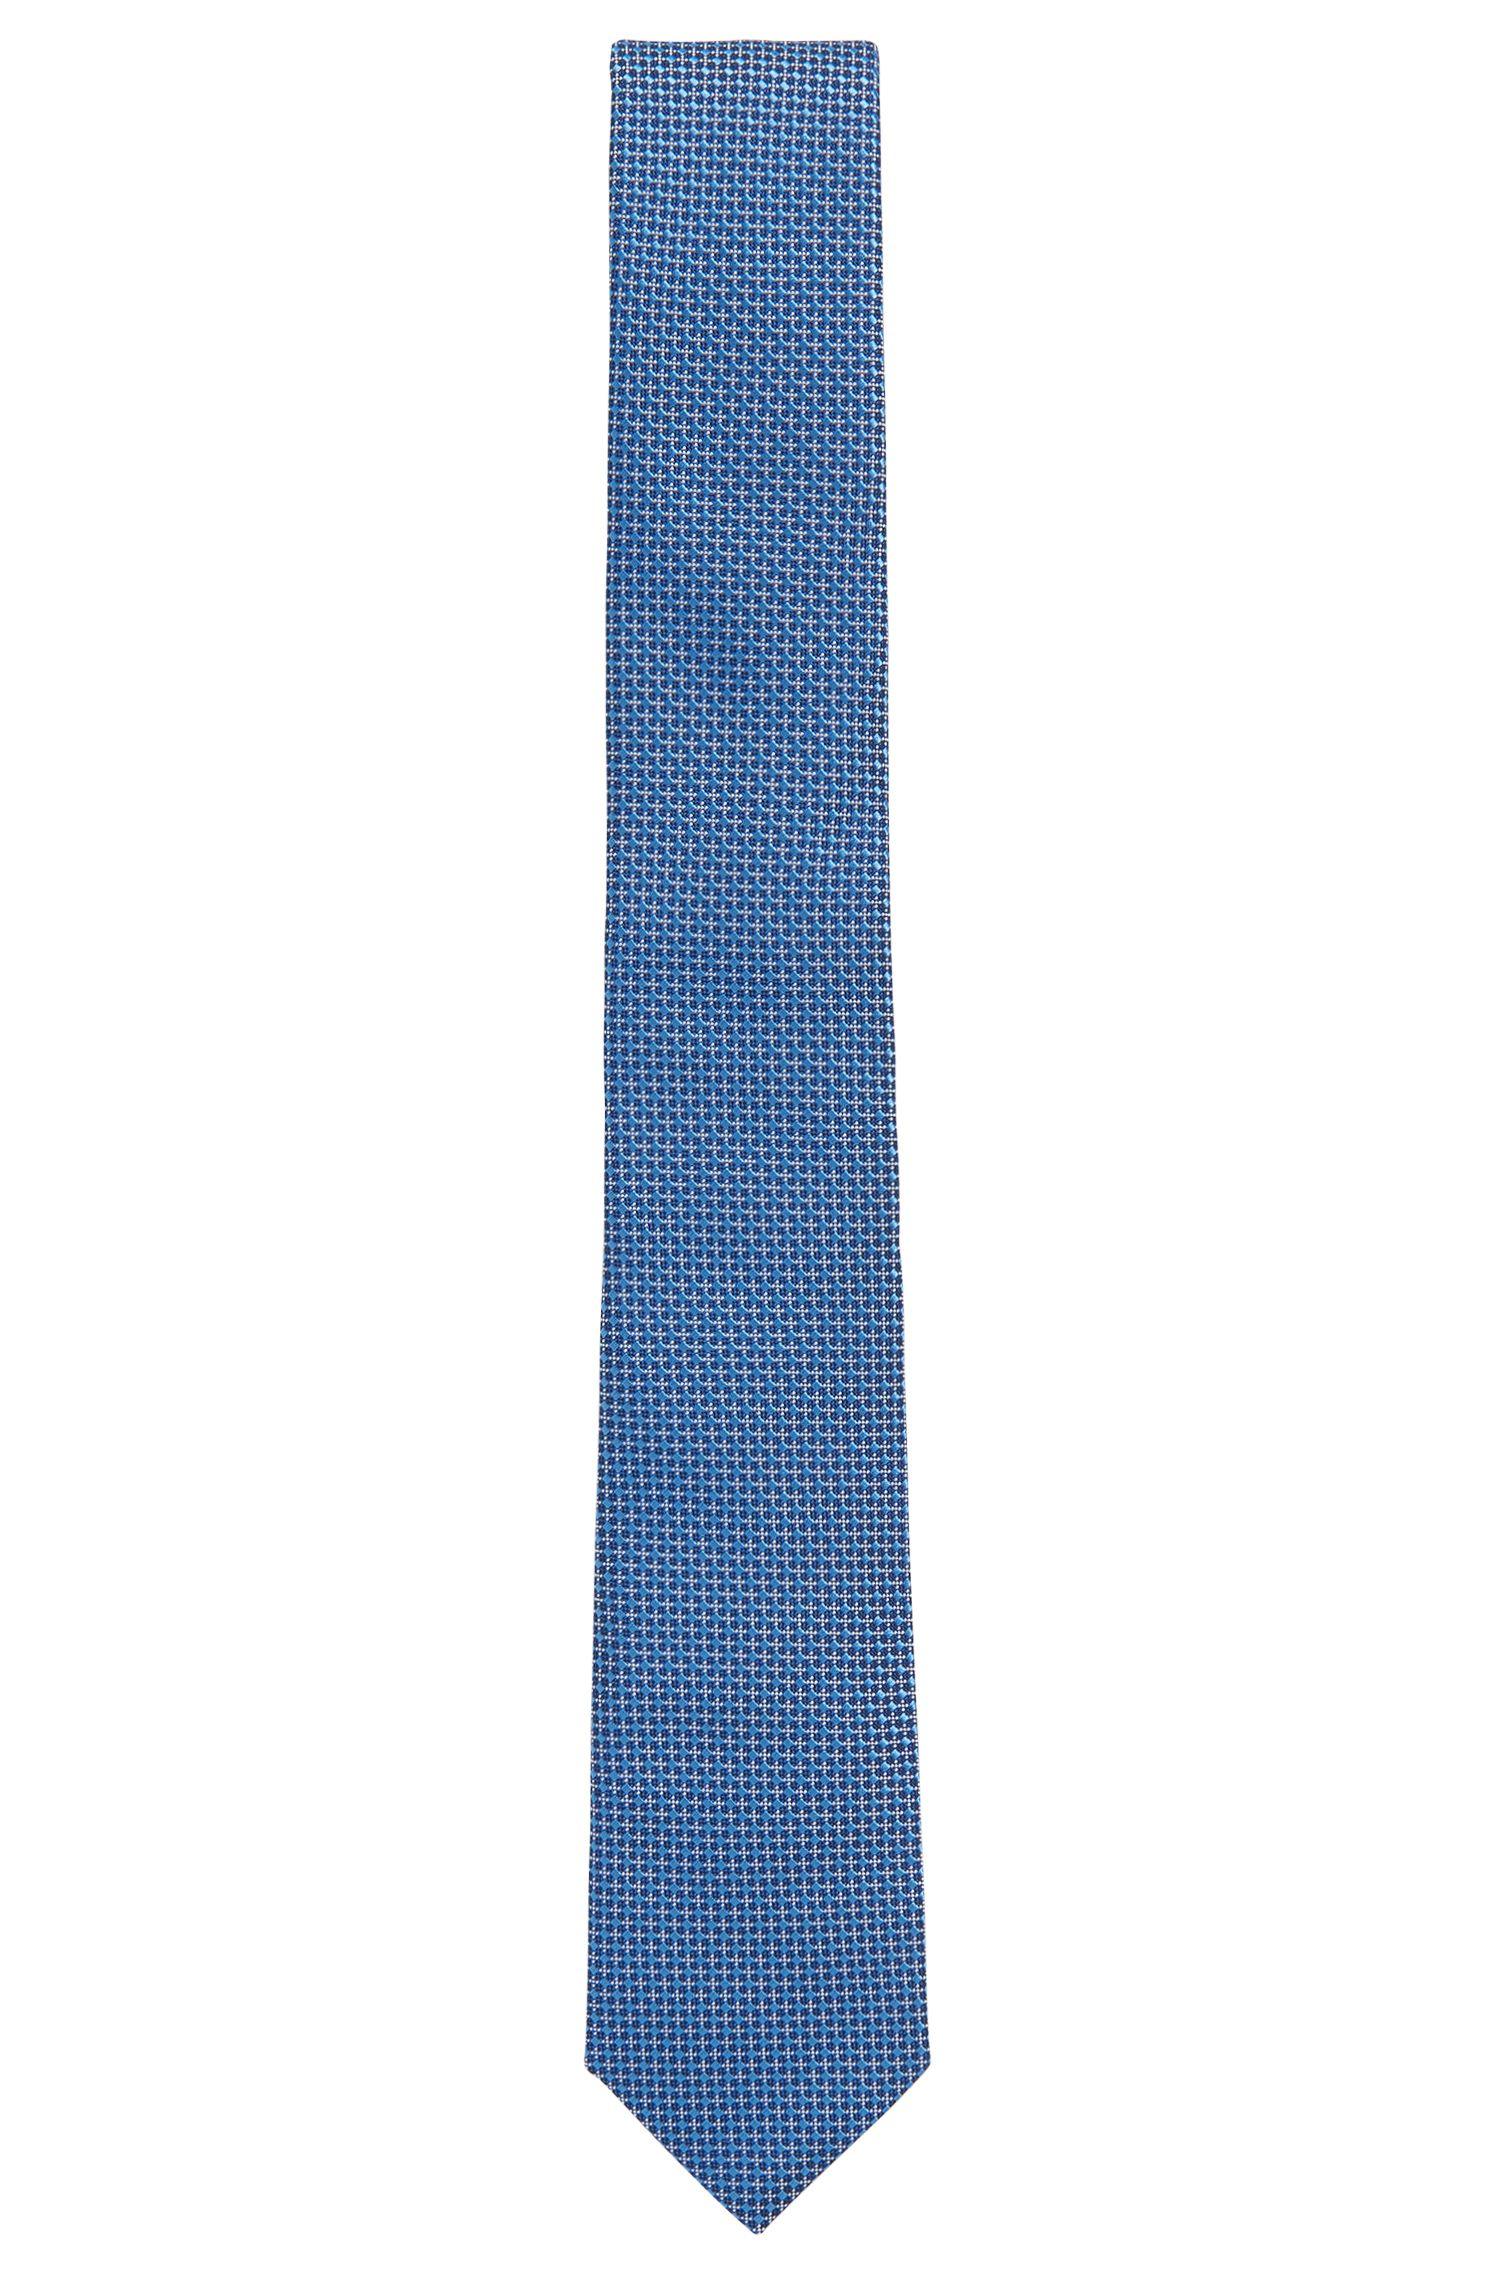 Handgemaakte stropdas in een jacquard van Italiaanse zijde met dessin